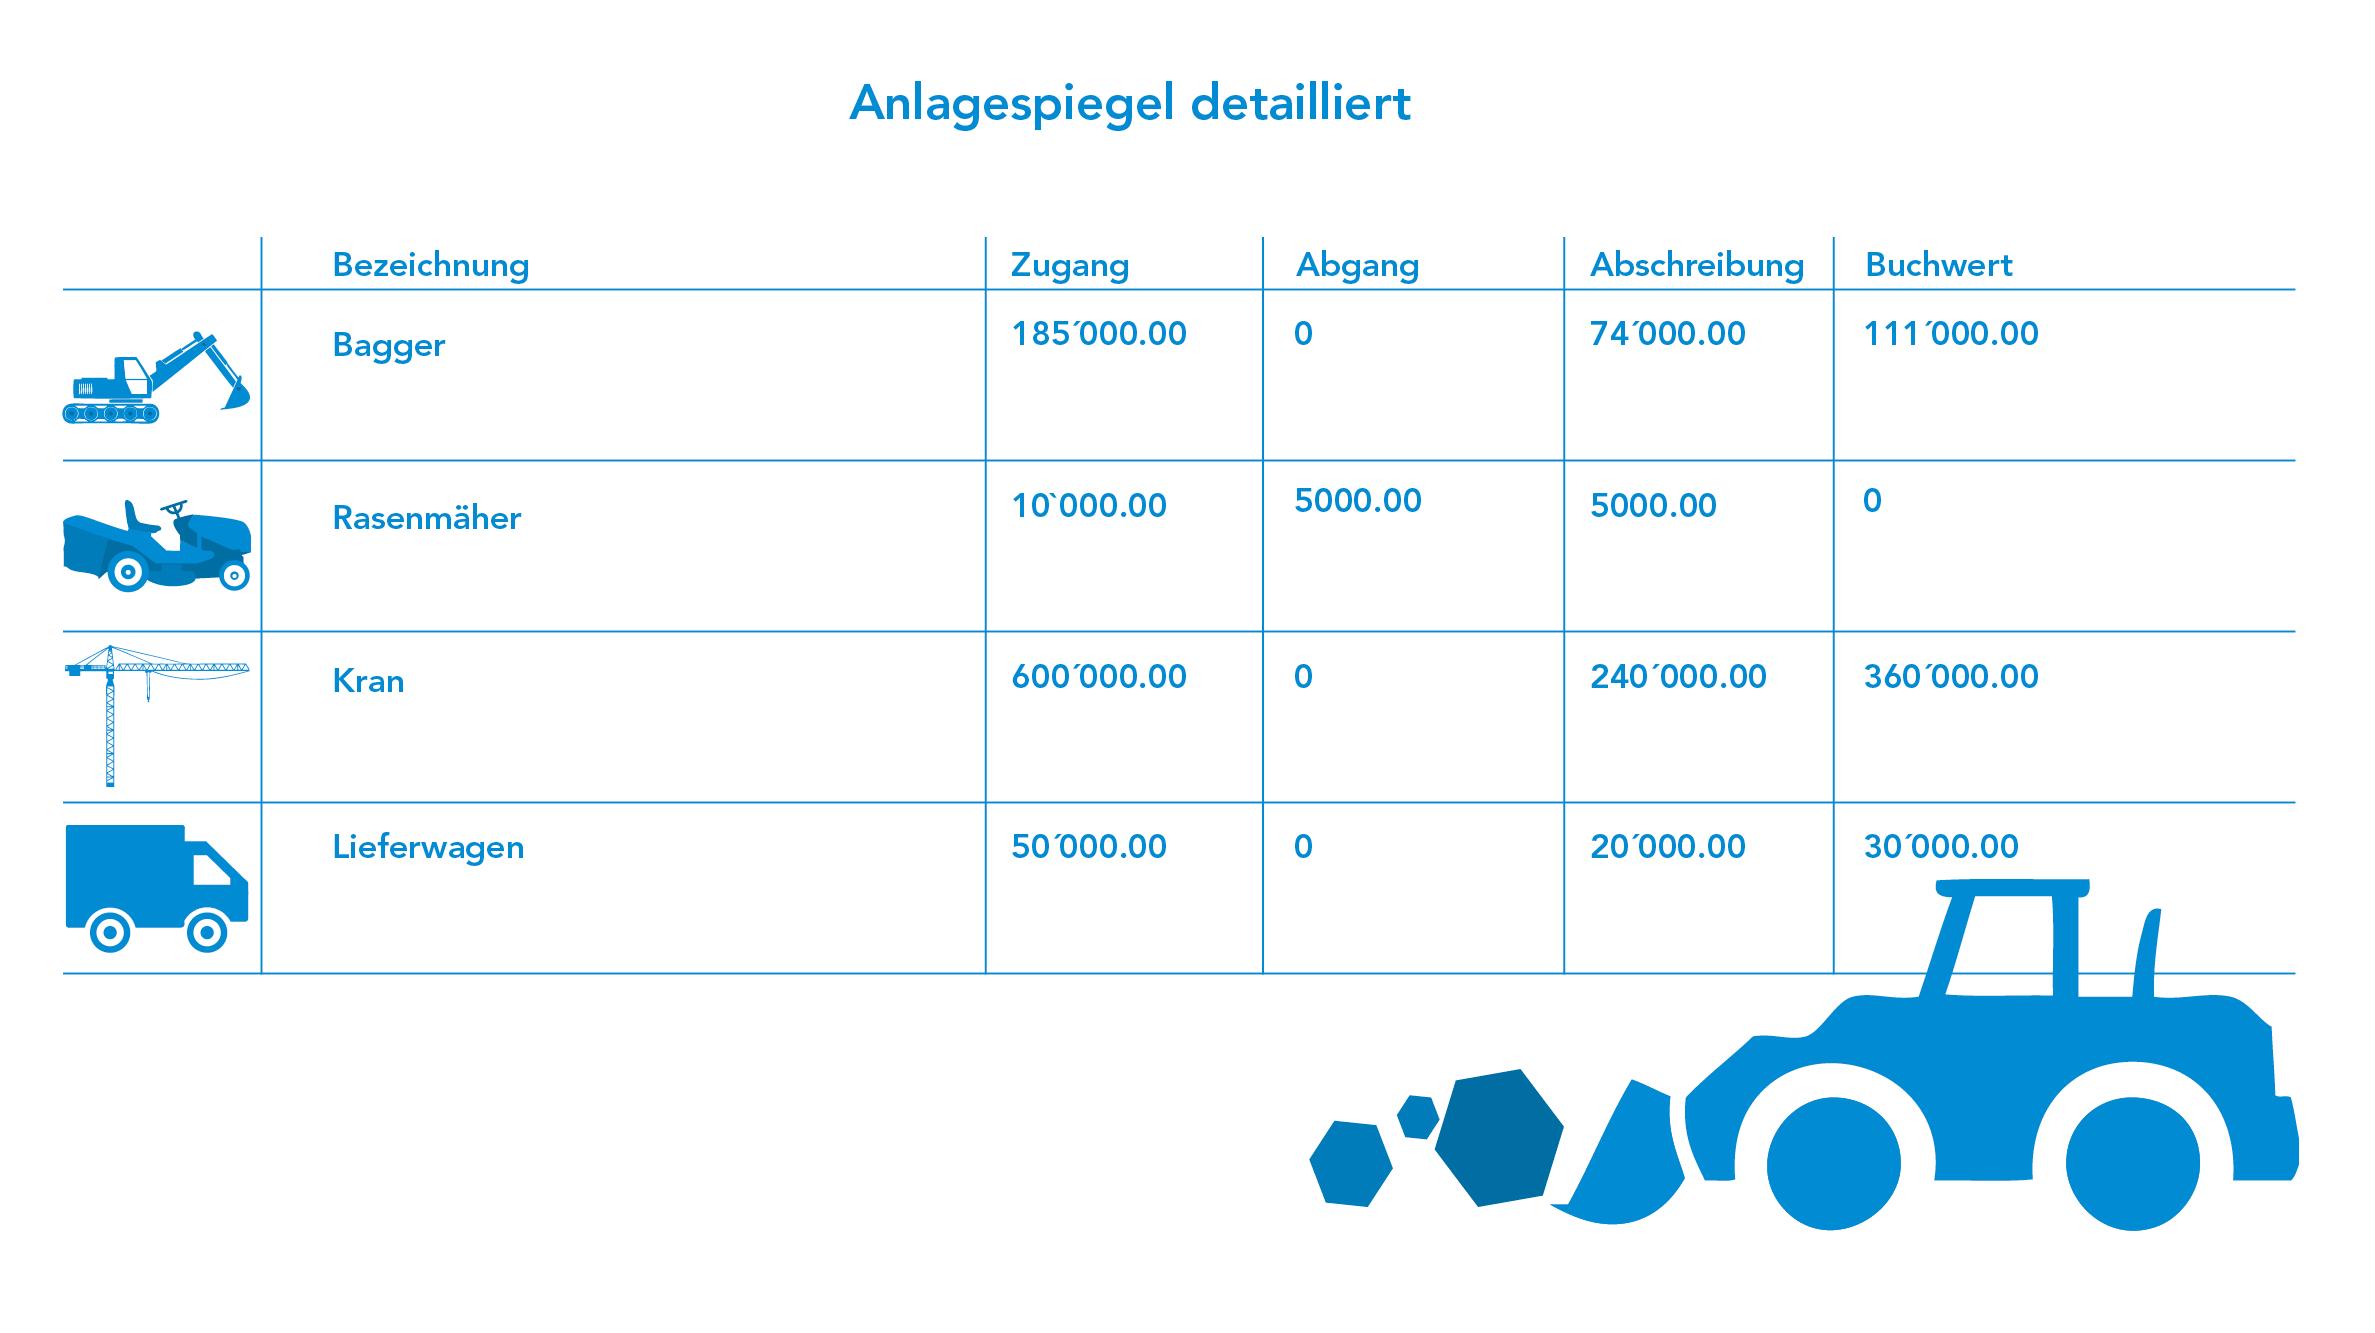 Tabelle Anlagespiegel